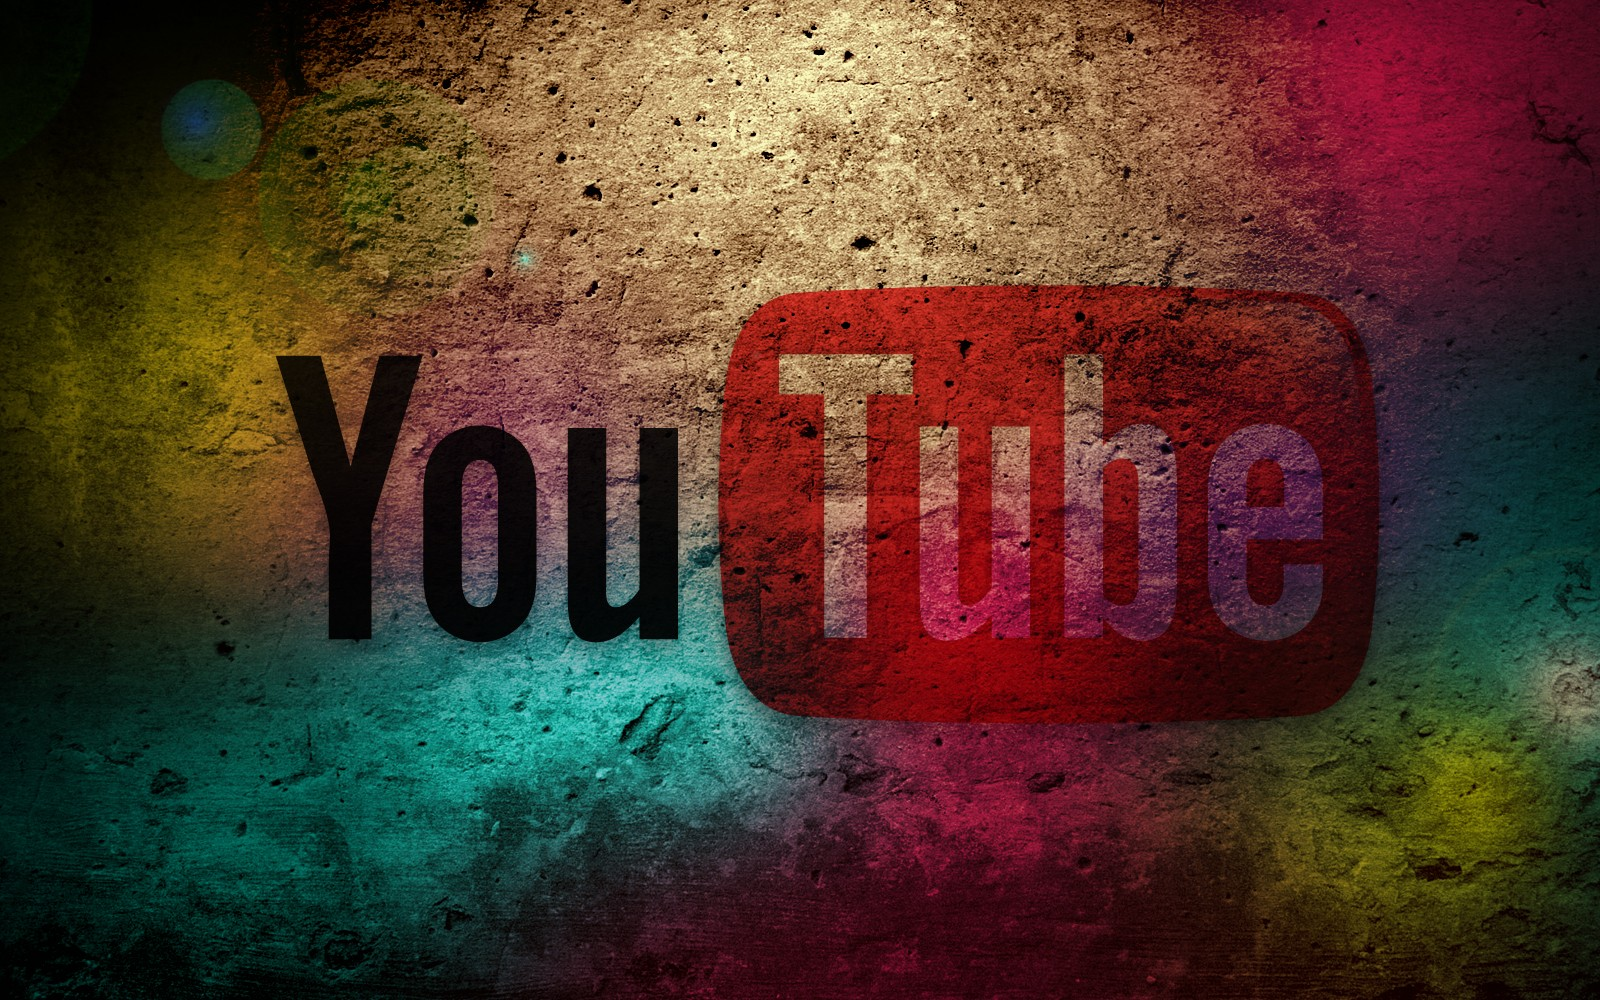 grunge_youtube_logos_logo_desktop_1600x1000_hd-wallpaper-839023